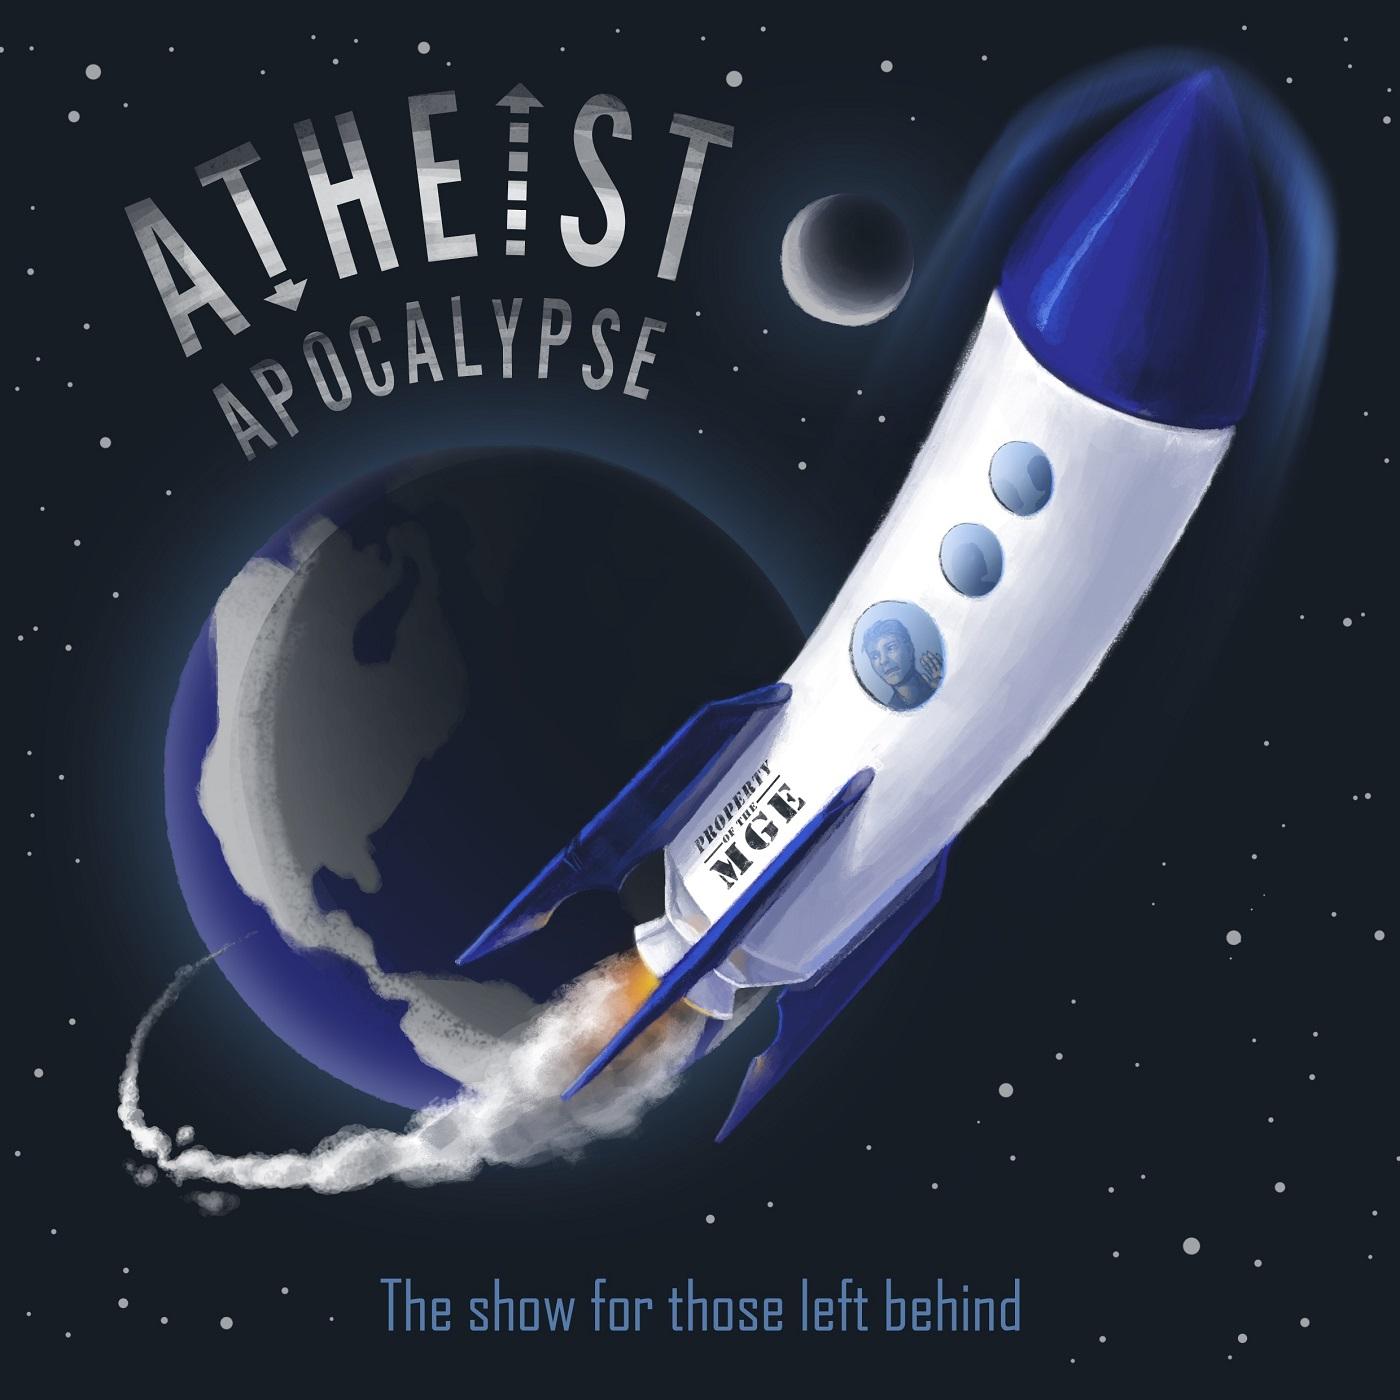 Atheist Apocalypse